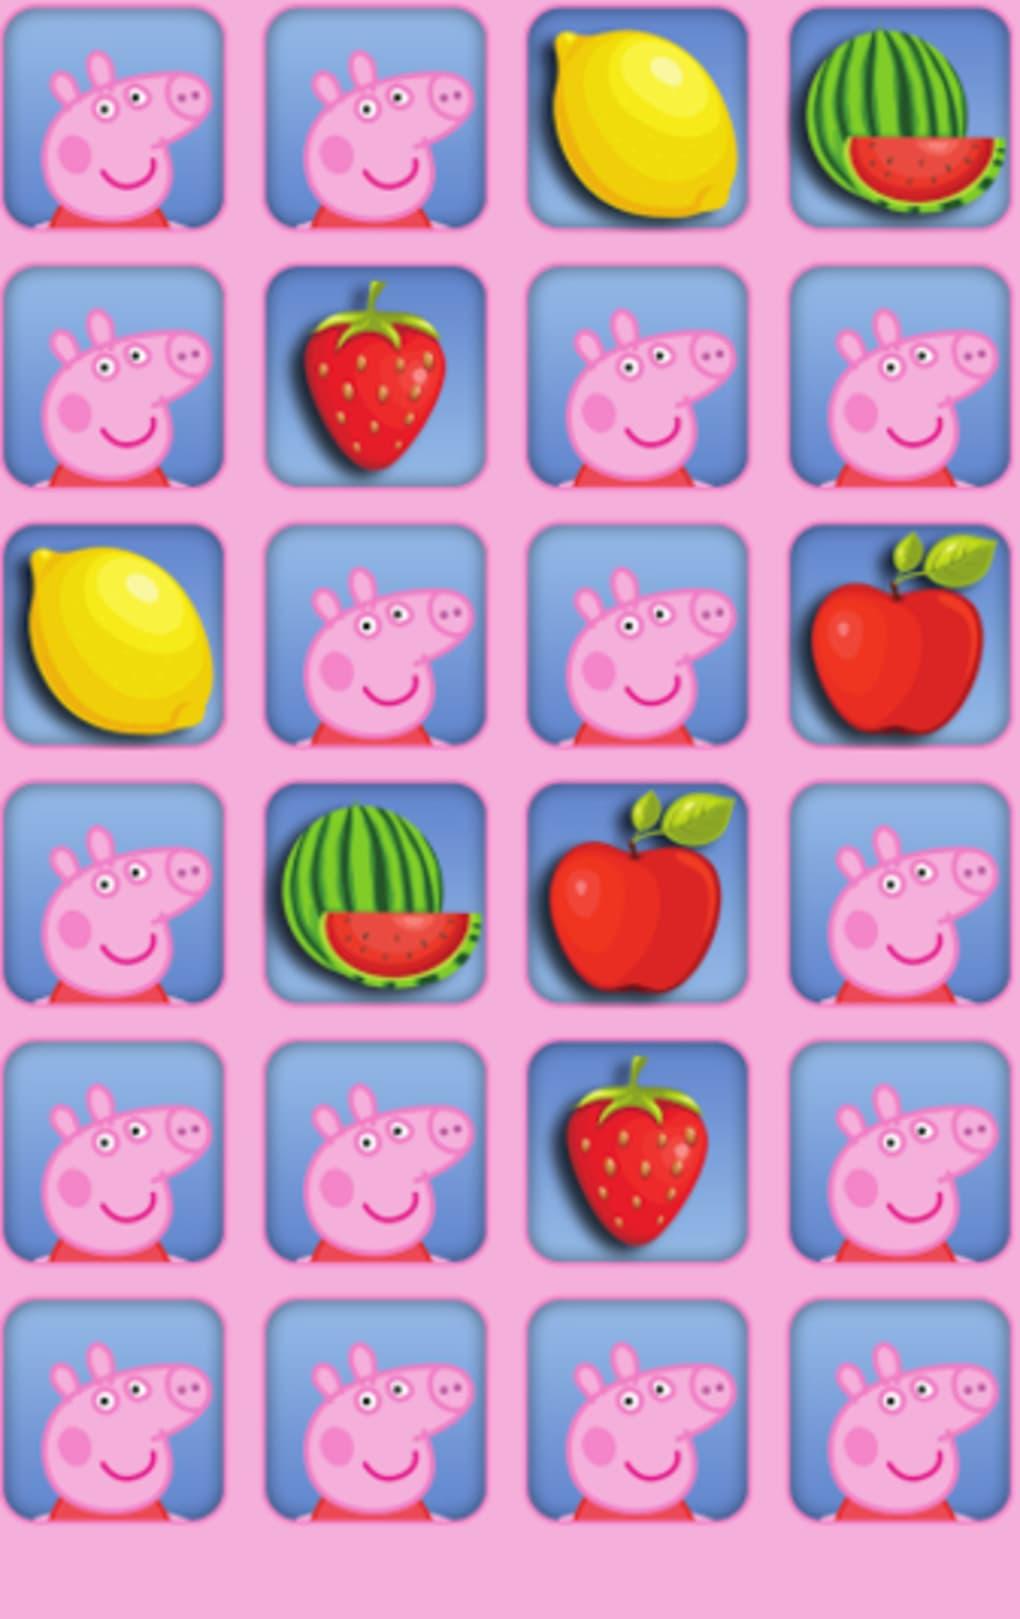 Ler descrição completa. Peppa Pig jogo de memória